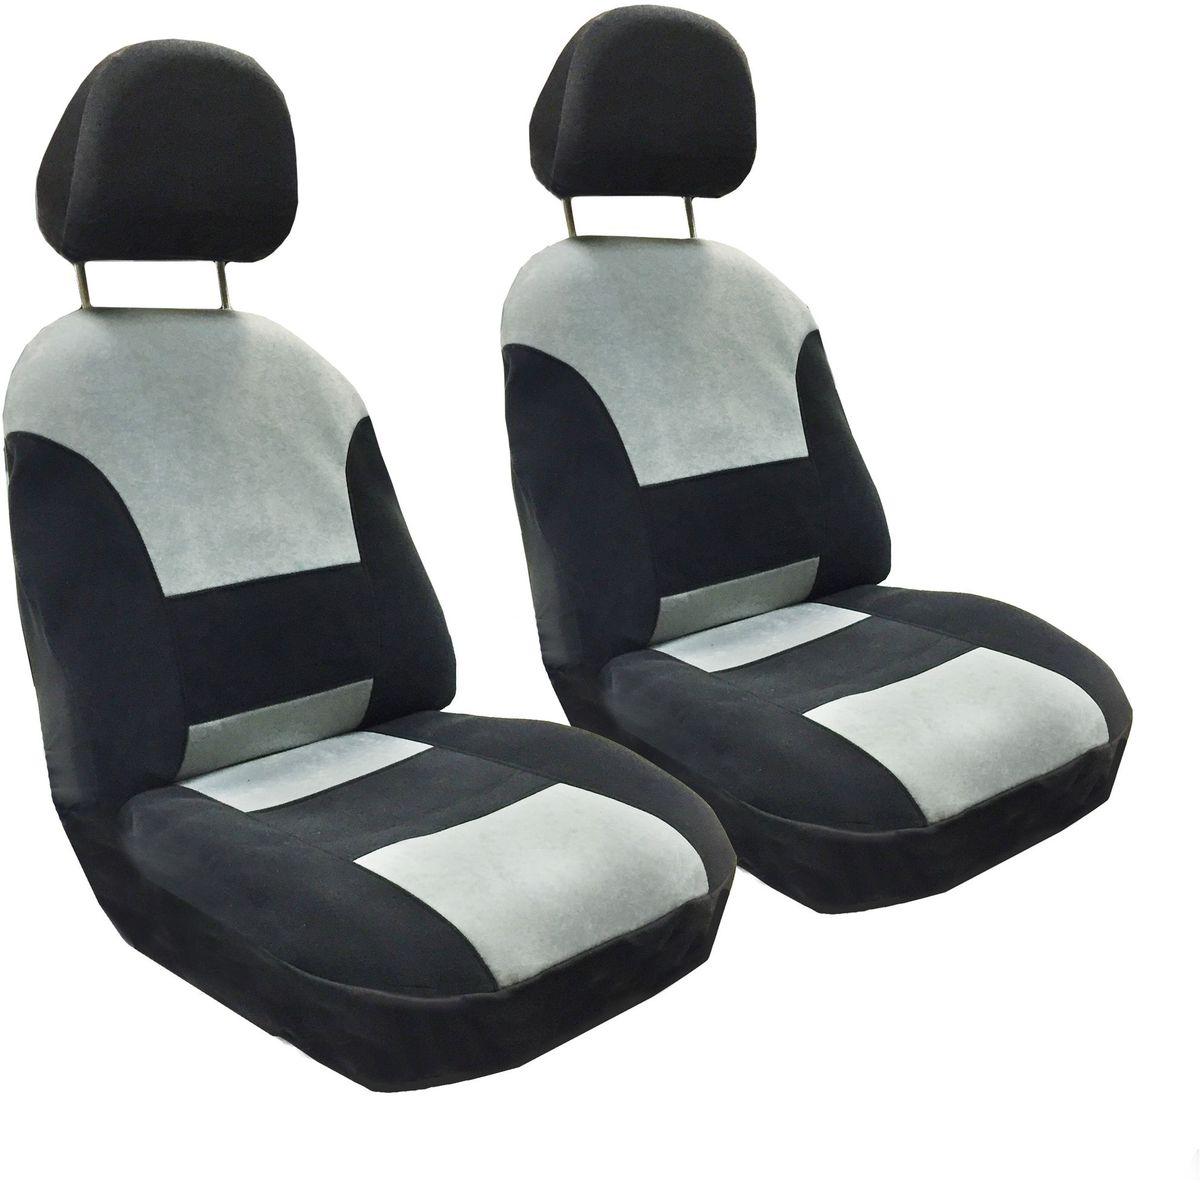 Набор автомобильных чехлов Auto Premium Флагман, цвет: черный, серый, 4 предмета57101Комплект универсальных чехлов Auto Premium Флагман выполнен из велюра, предназначен для передних кресел автомобиля. На задней спинке чехла расположен вшивной карман. В комплект входят съемные чехлы для подголовников. Практичный и долговечный комплект чехлов для передних сидений надежно защищает сиденье водителя и пассажира от механических повреждений, загрязнений и износа.